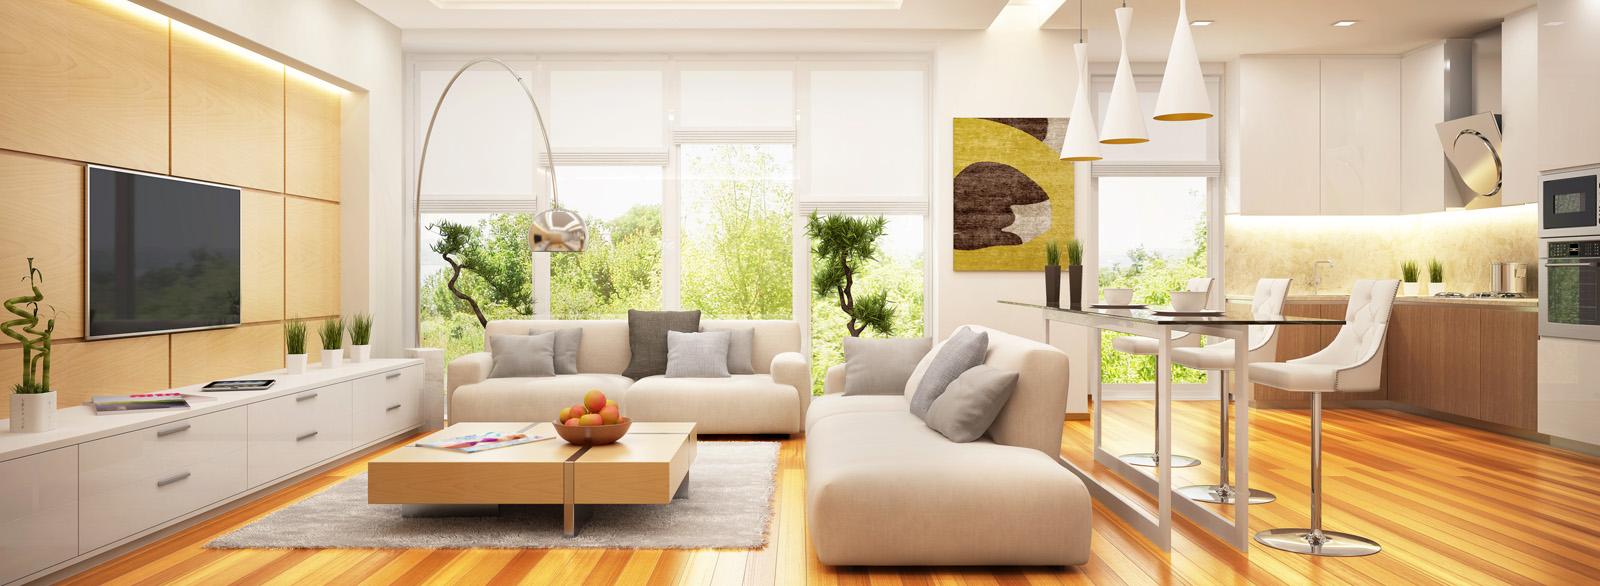 Curso de experto online en dise o de interiores para for Interiores de viviendas